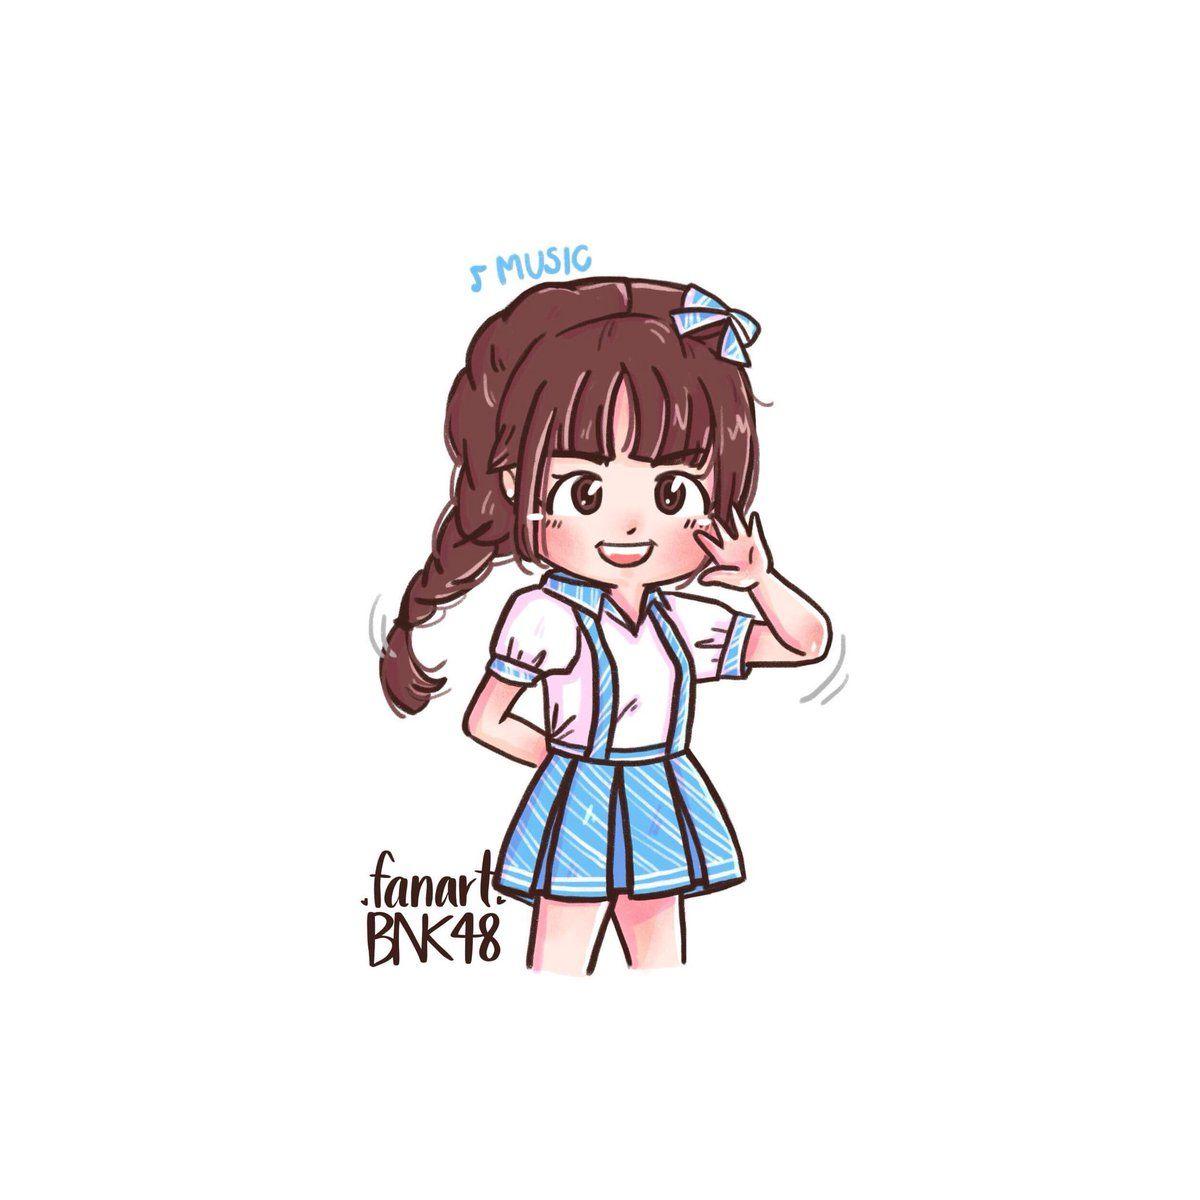 Fanart Bnk48 Fanartbnk48 Twitter Girls Cartoon Art Fan Art Cartoon